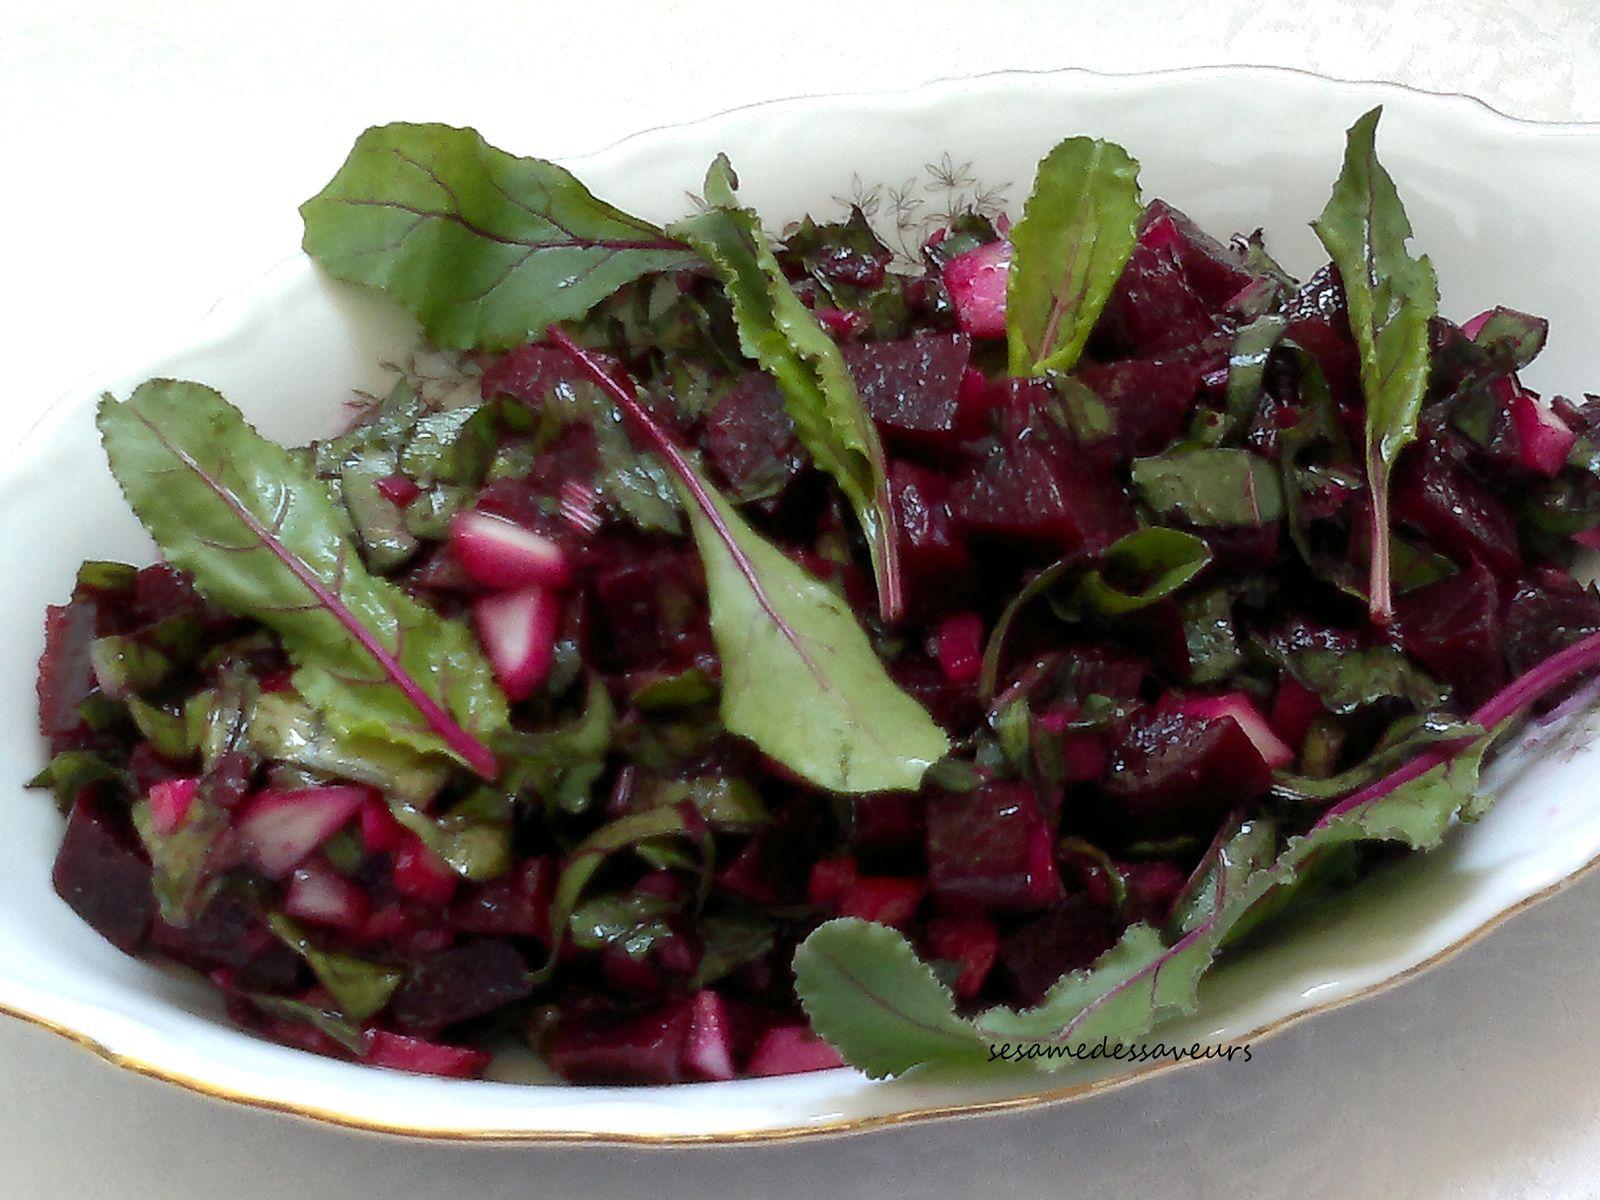 Salade de betteraves (feuilles et racines)